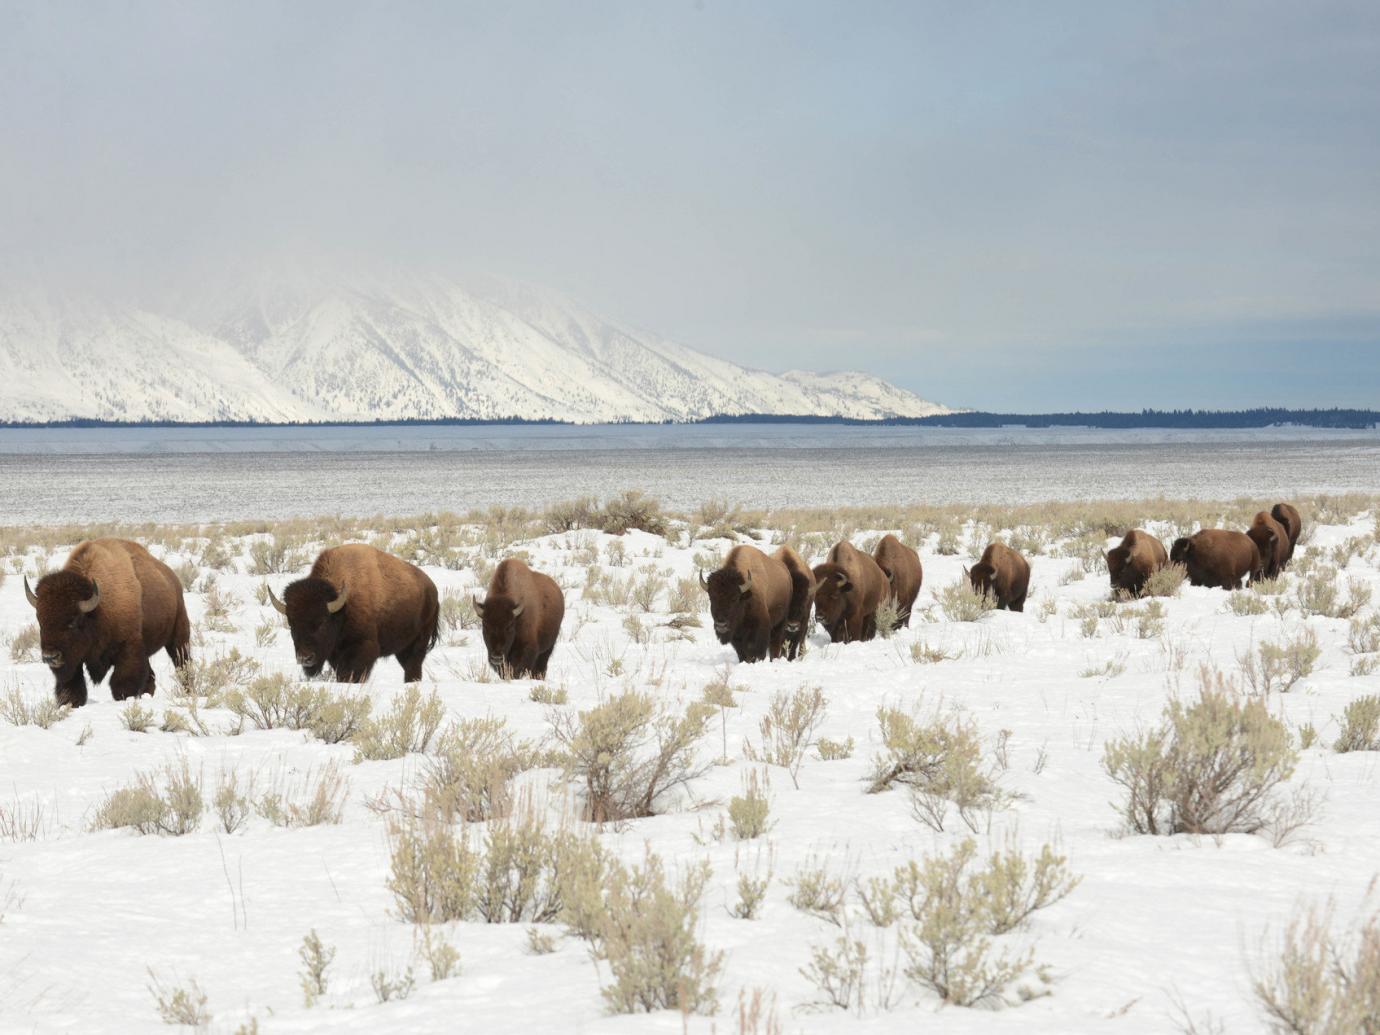 Bison walking through a snowy landscape in Grand Teton